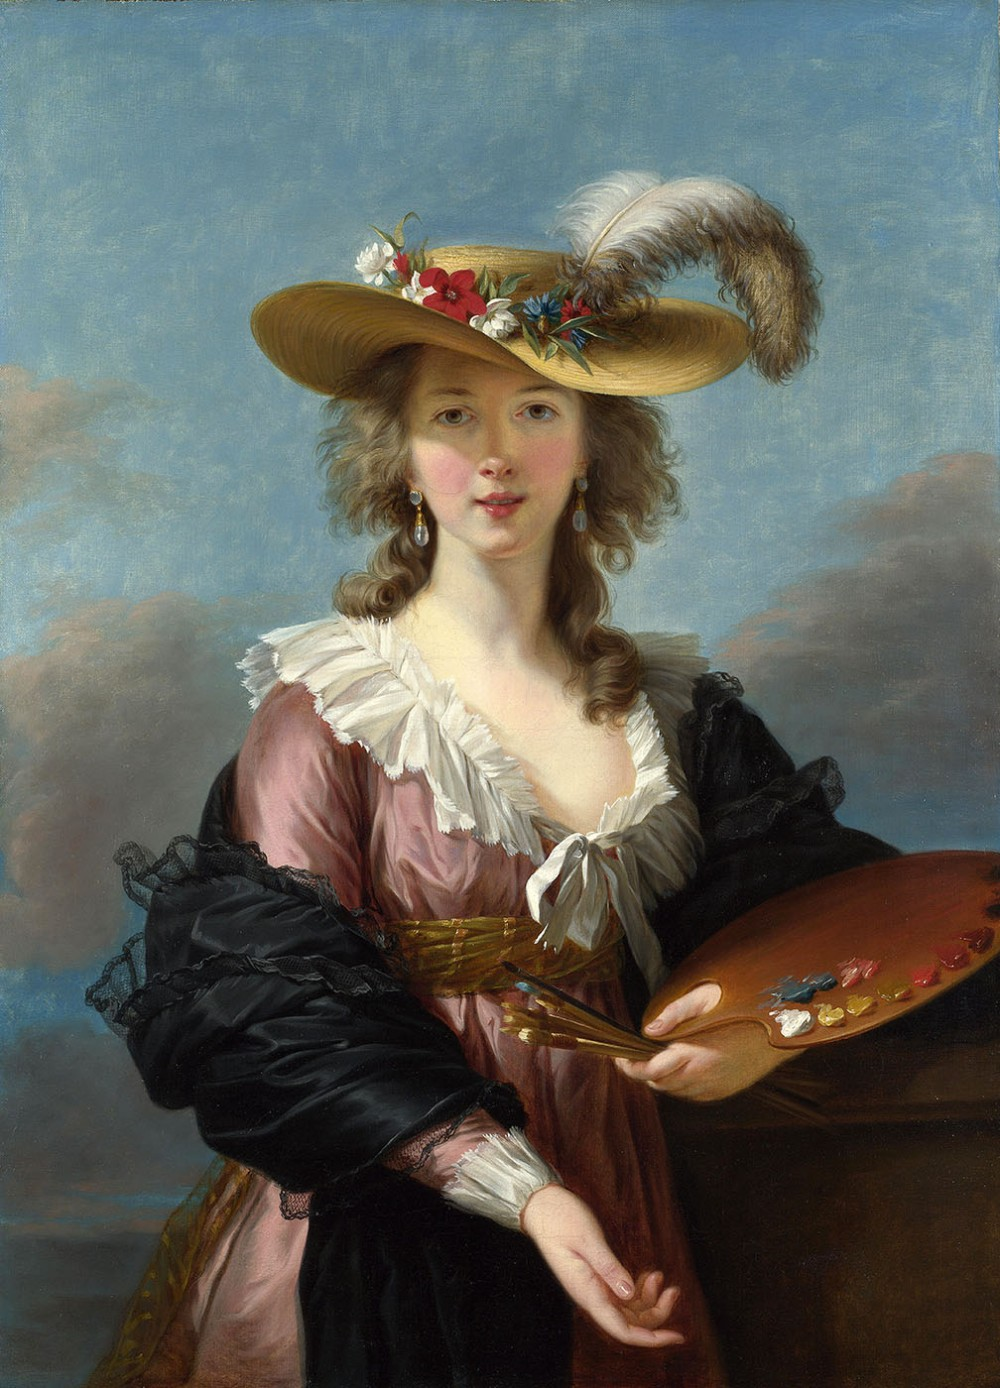 Élisabeth Vigée Le Brun. Autorretrato con sombrero de paja. Después de 1782. National Gallery.